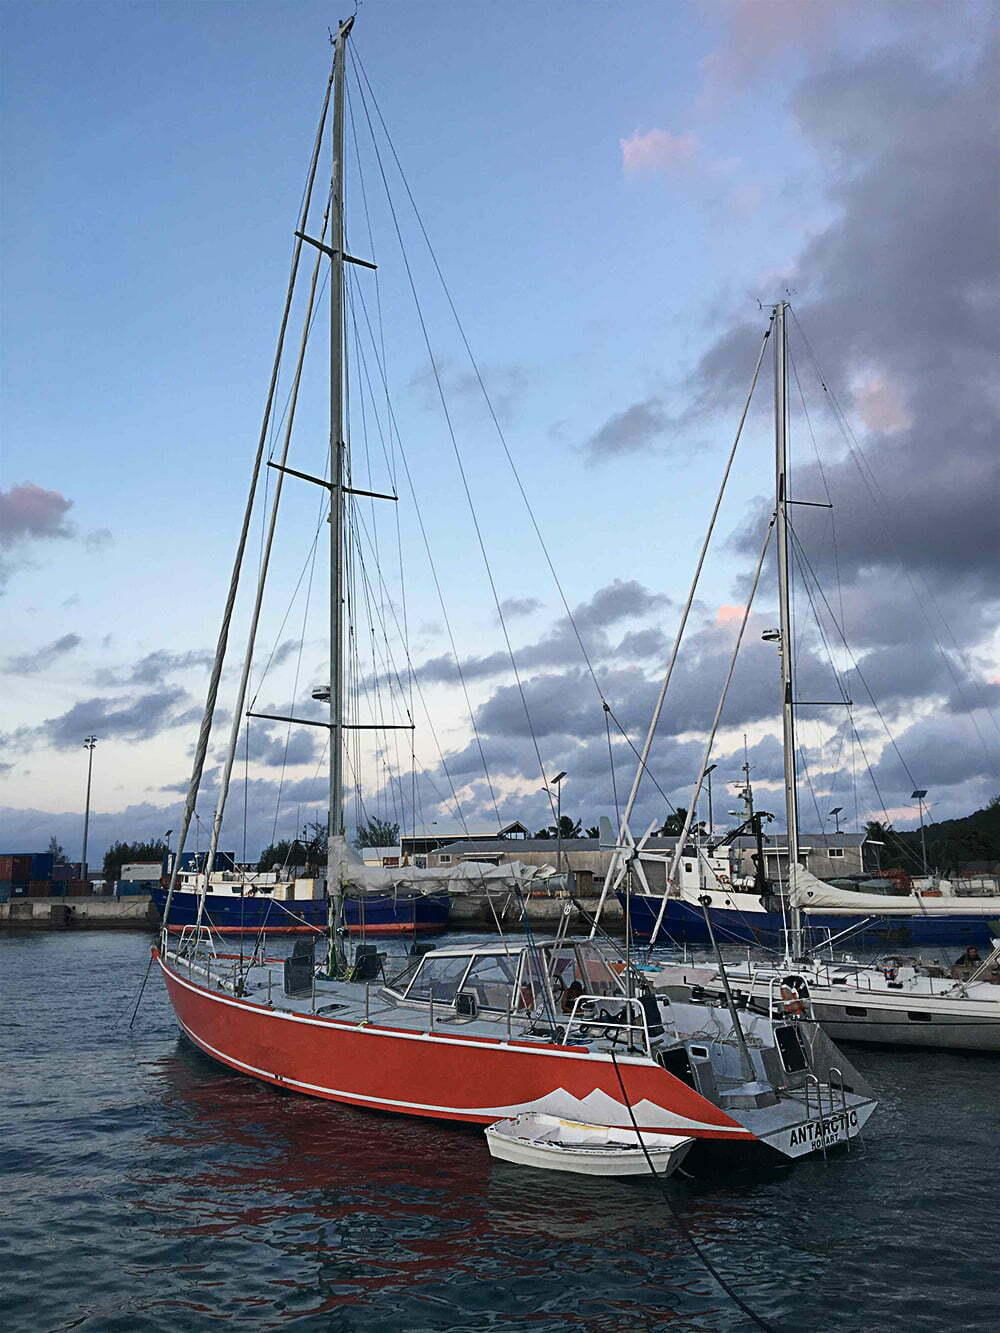 Viagem da Kika, diário de bordo Nº 7, imagem de veleiro